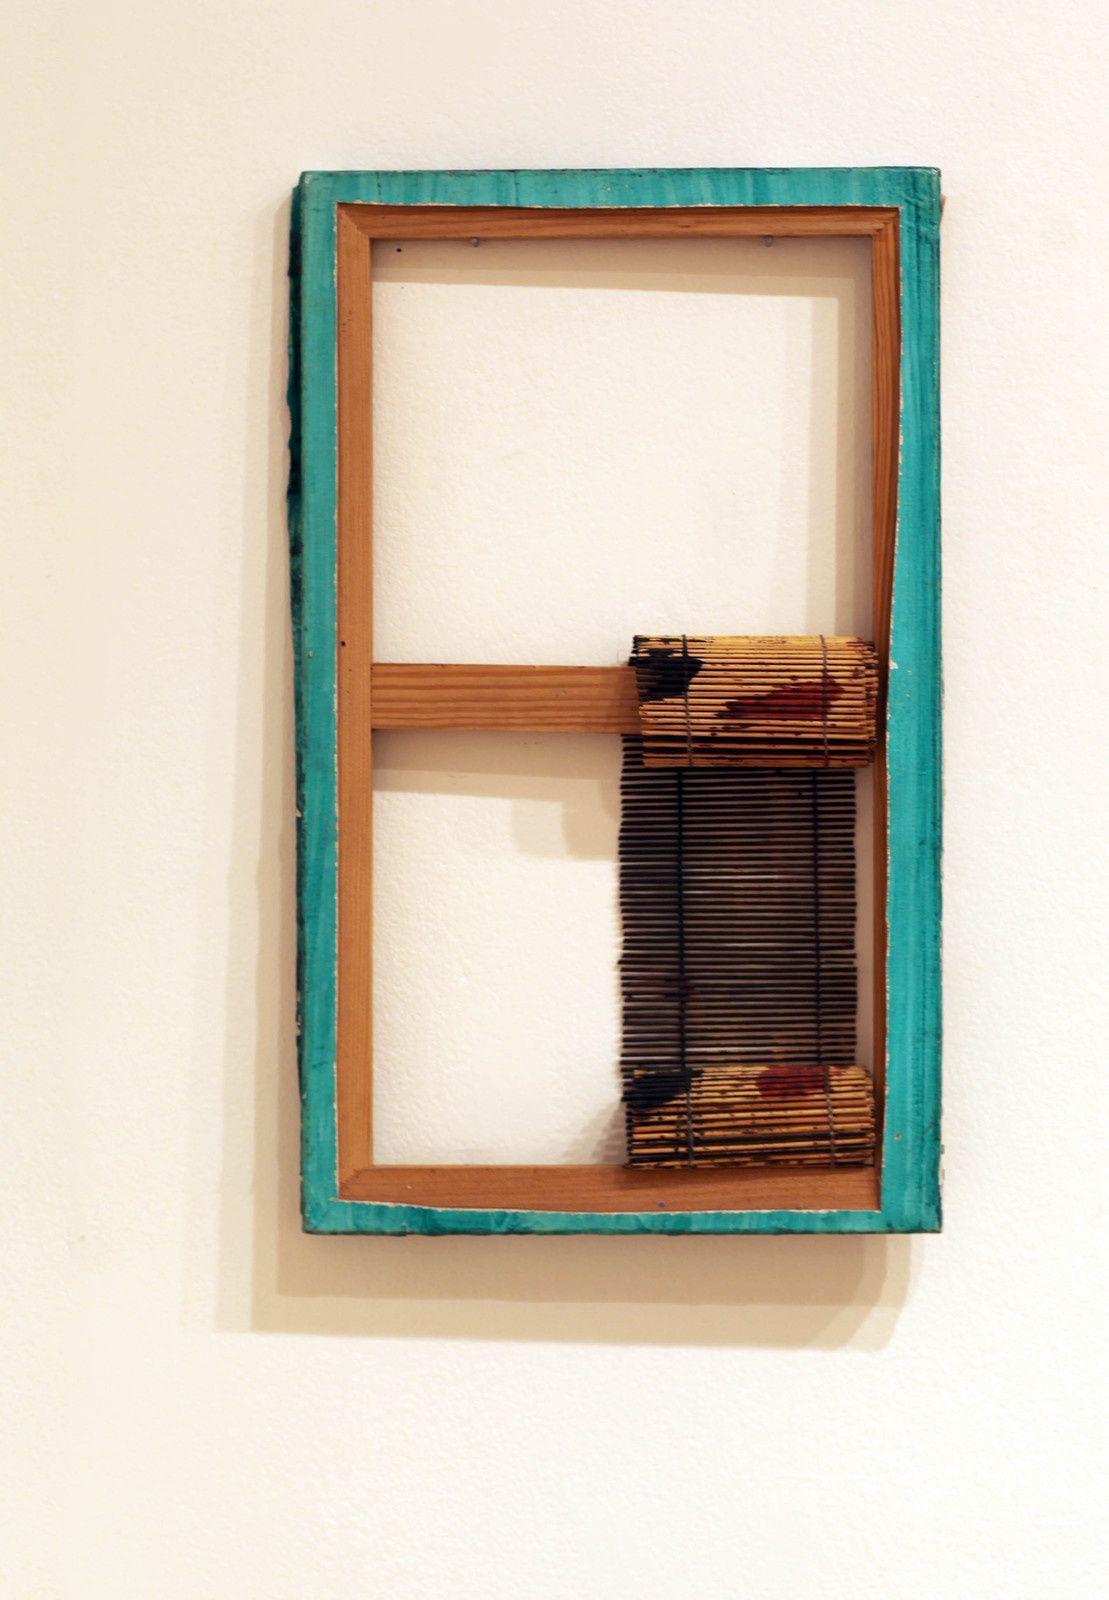 """""""Espace à demi-déroulé n°1"""", 2016 de Daniel deuleuze - Courtesy Galerie Templon © Photo Éric Simon"""